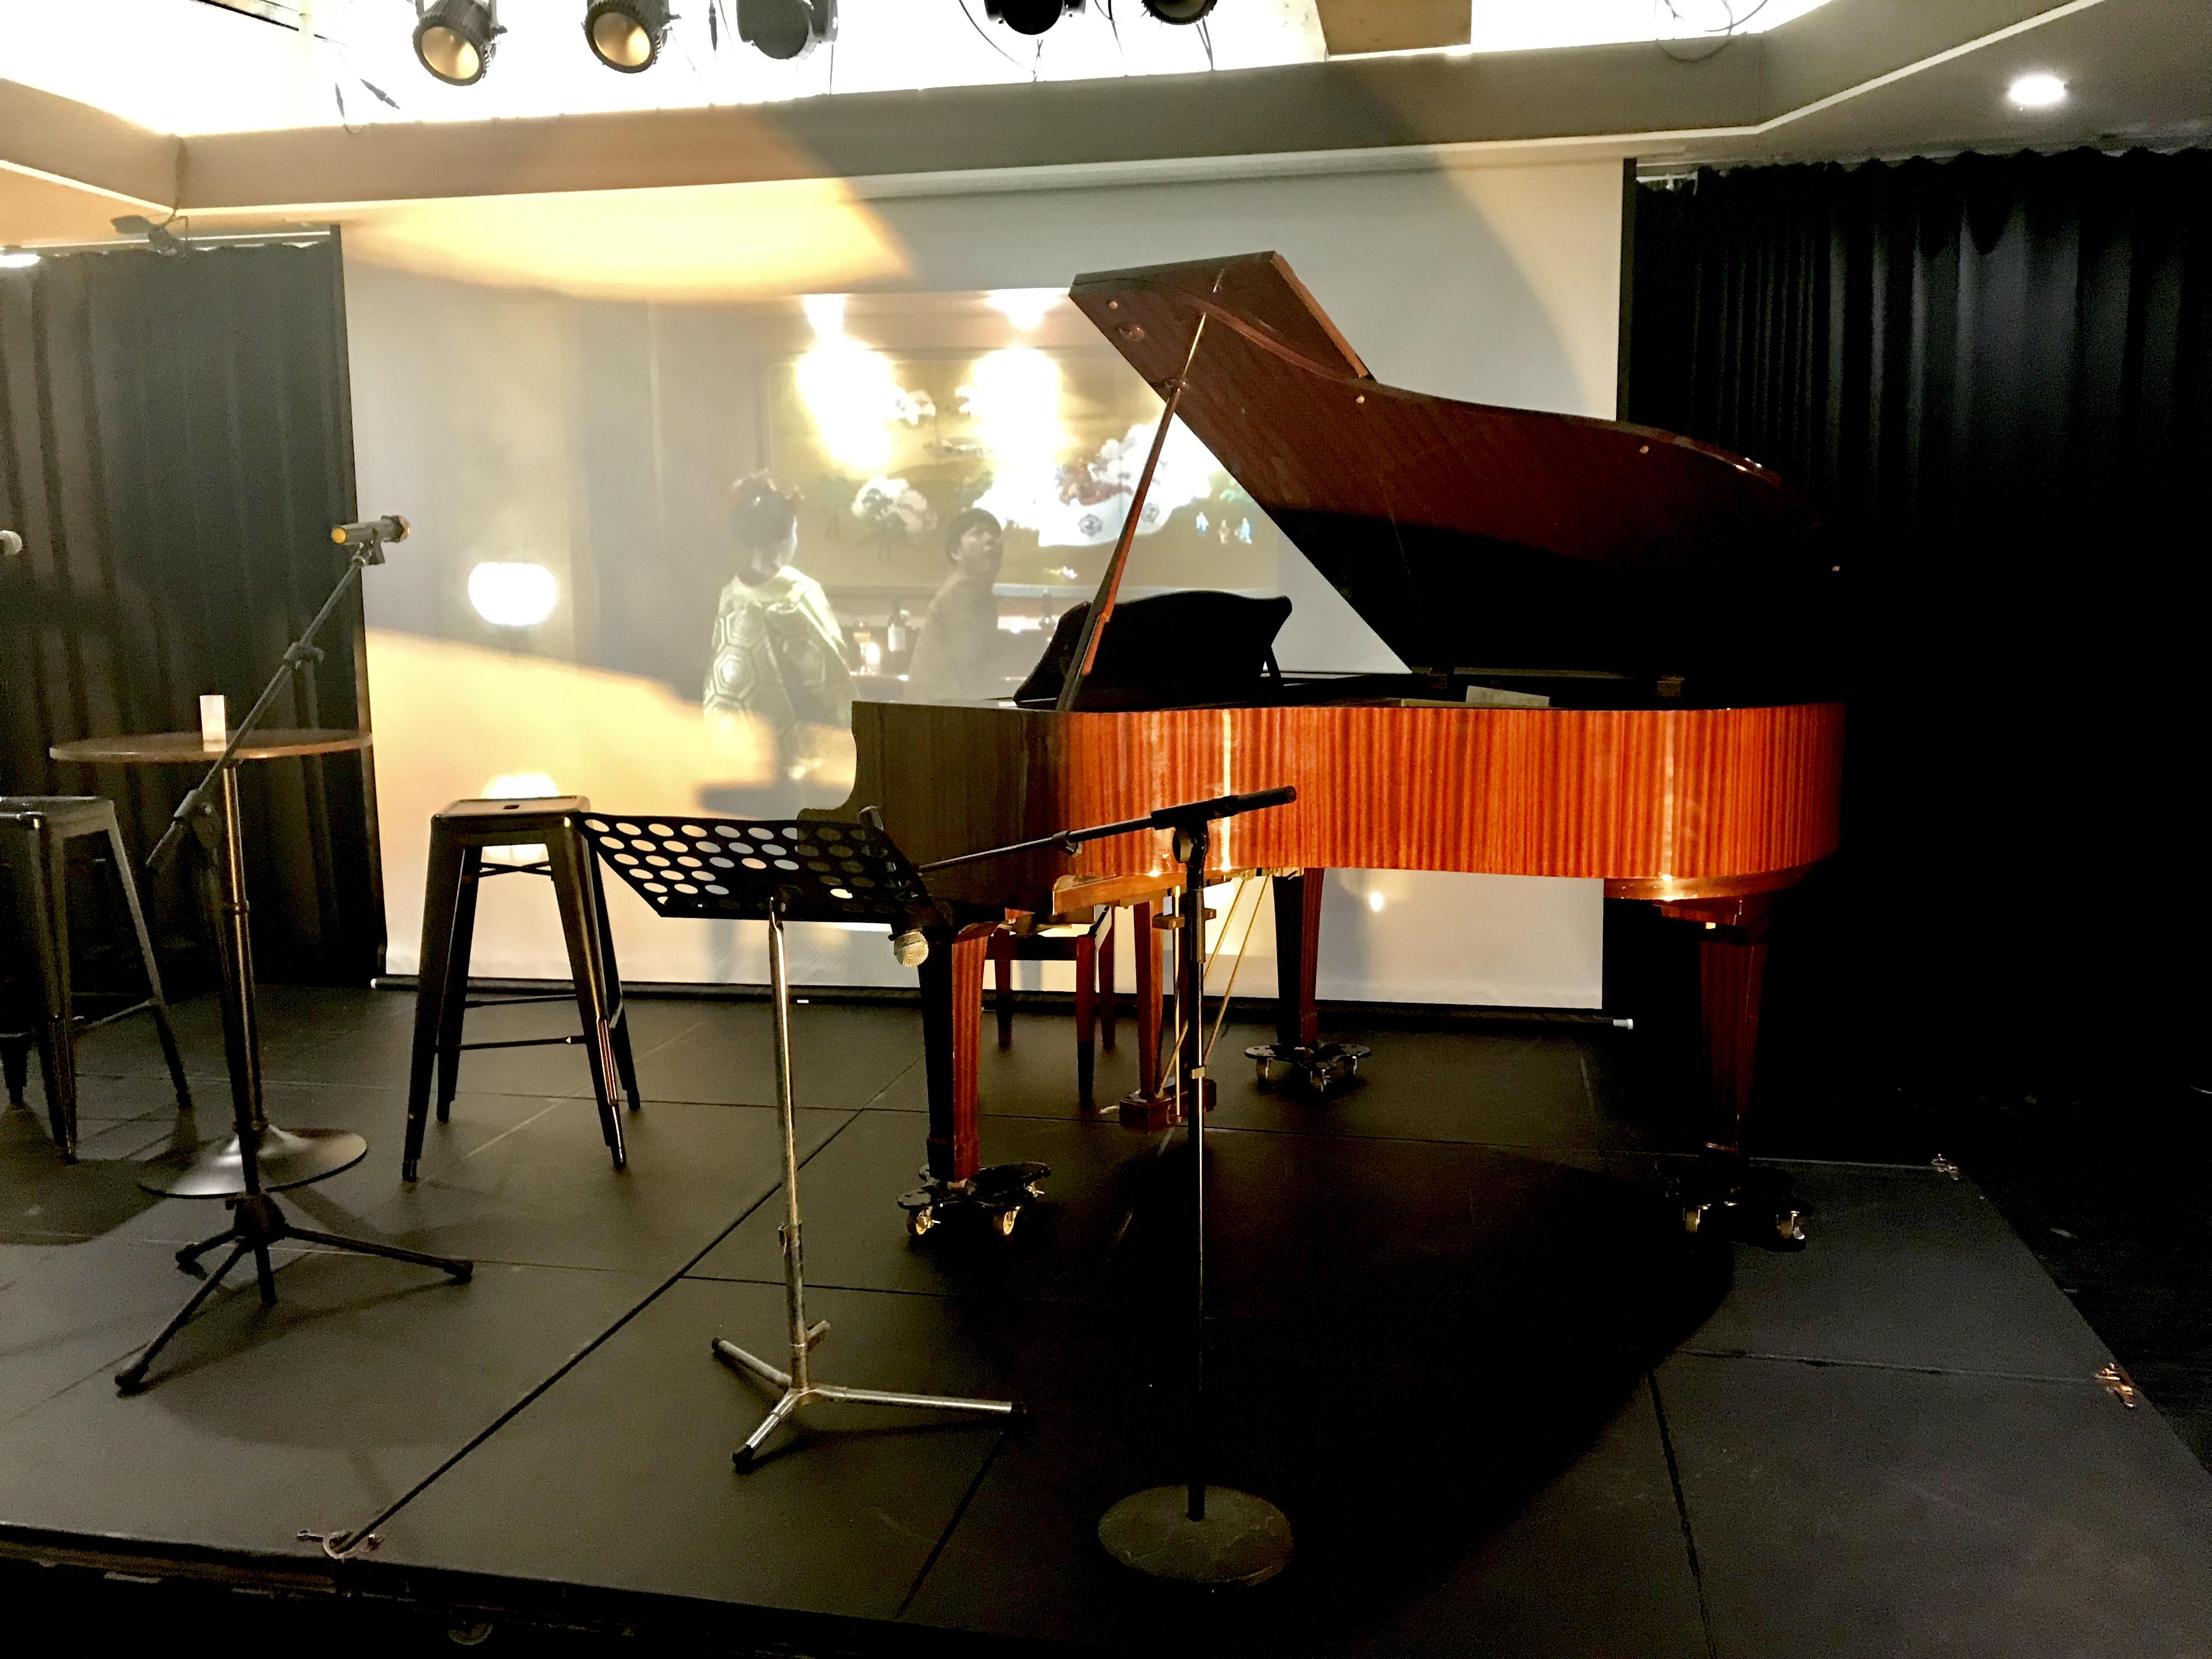 グランドピアノ,ライブ,演奏会,